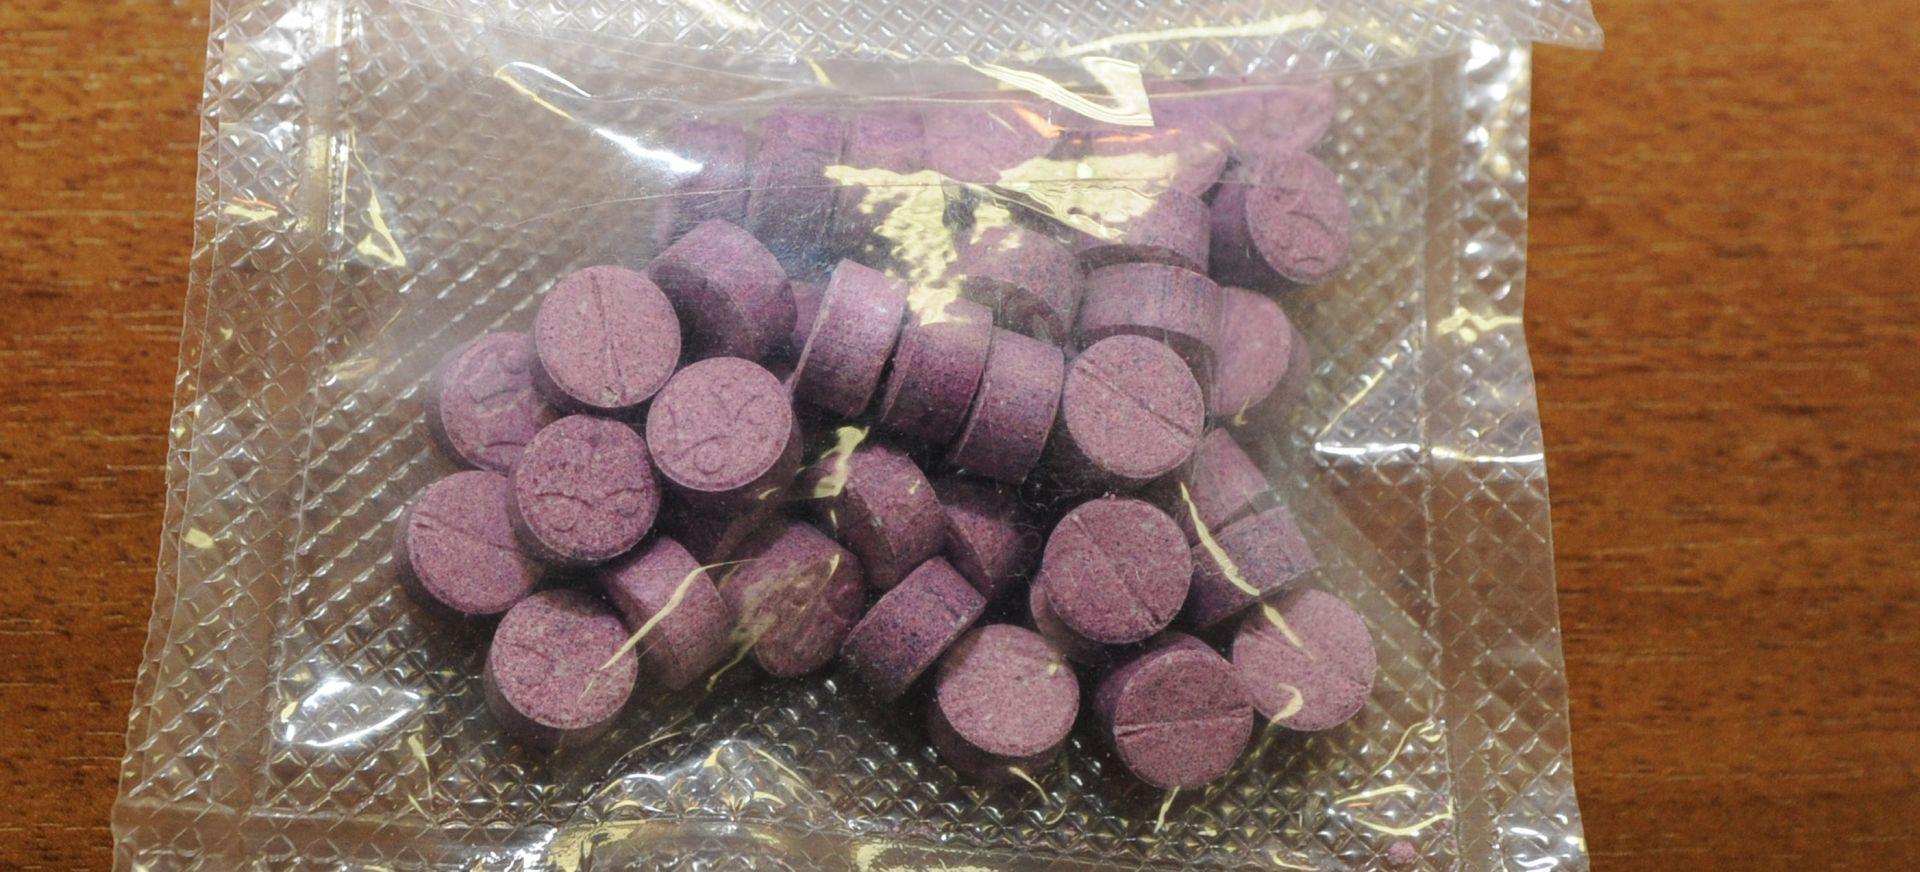 AUSTRALIJA Zaplijenjena droga u vrijednosti od 114 milijuna dolara